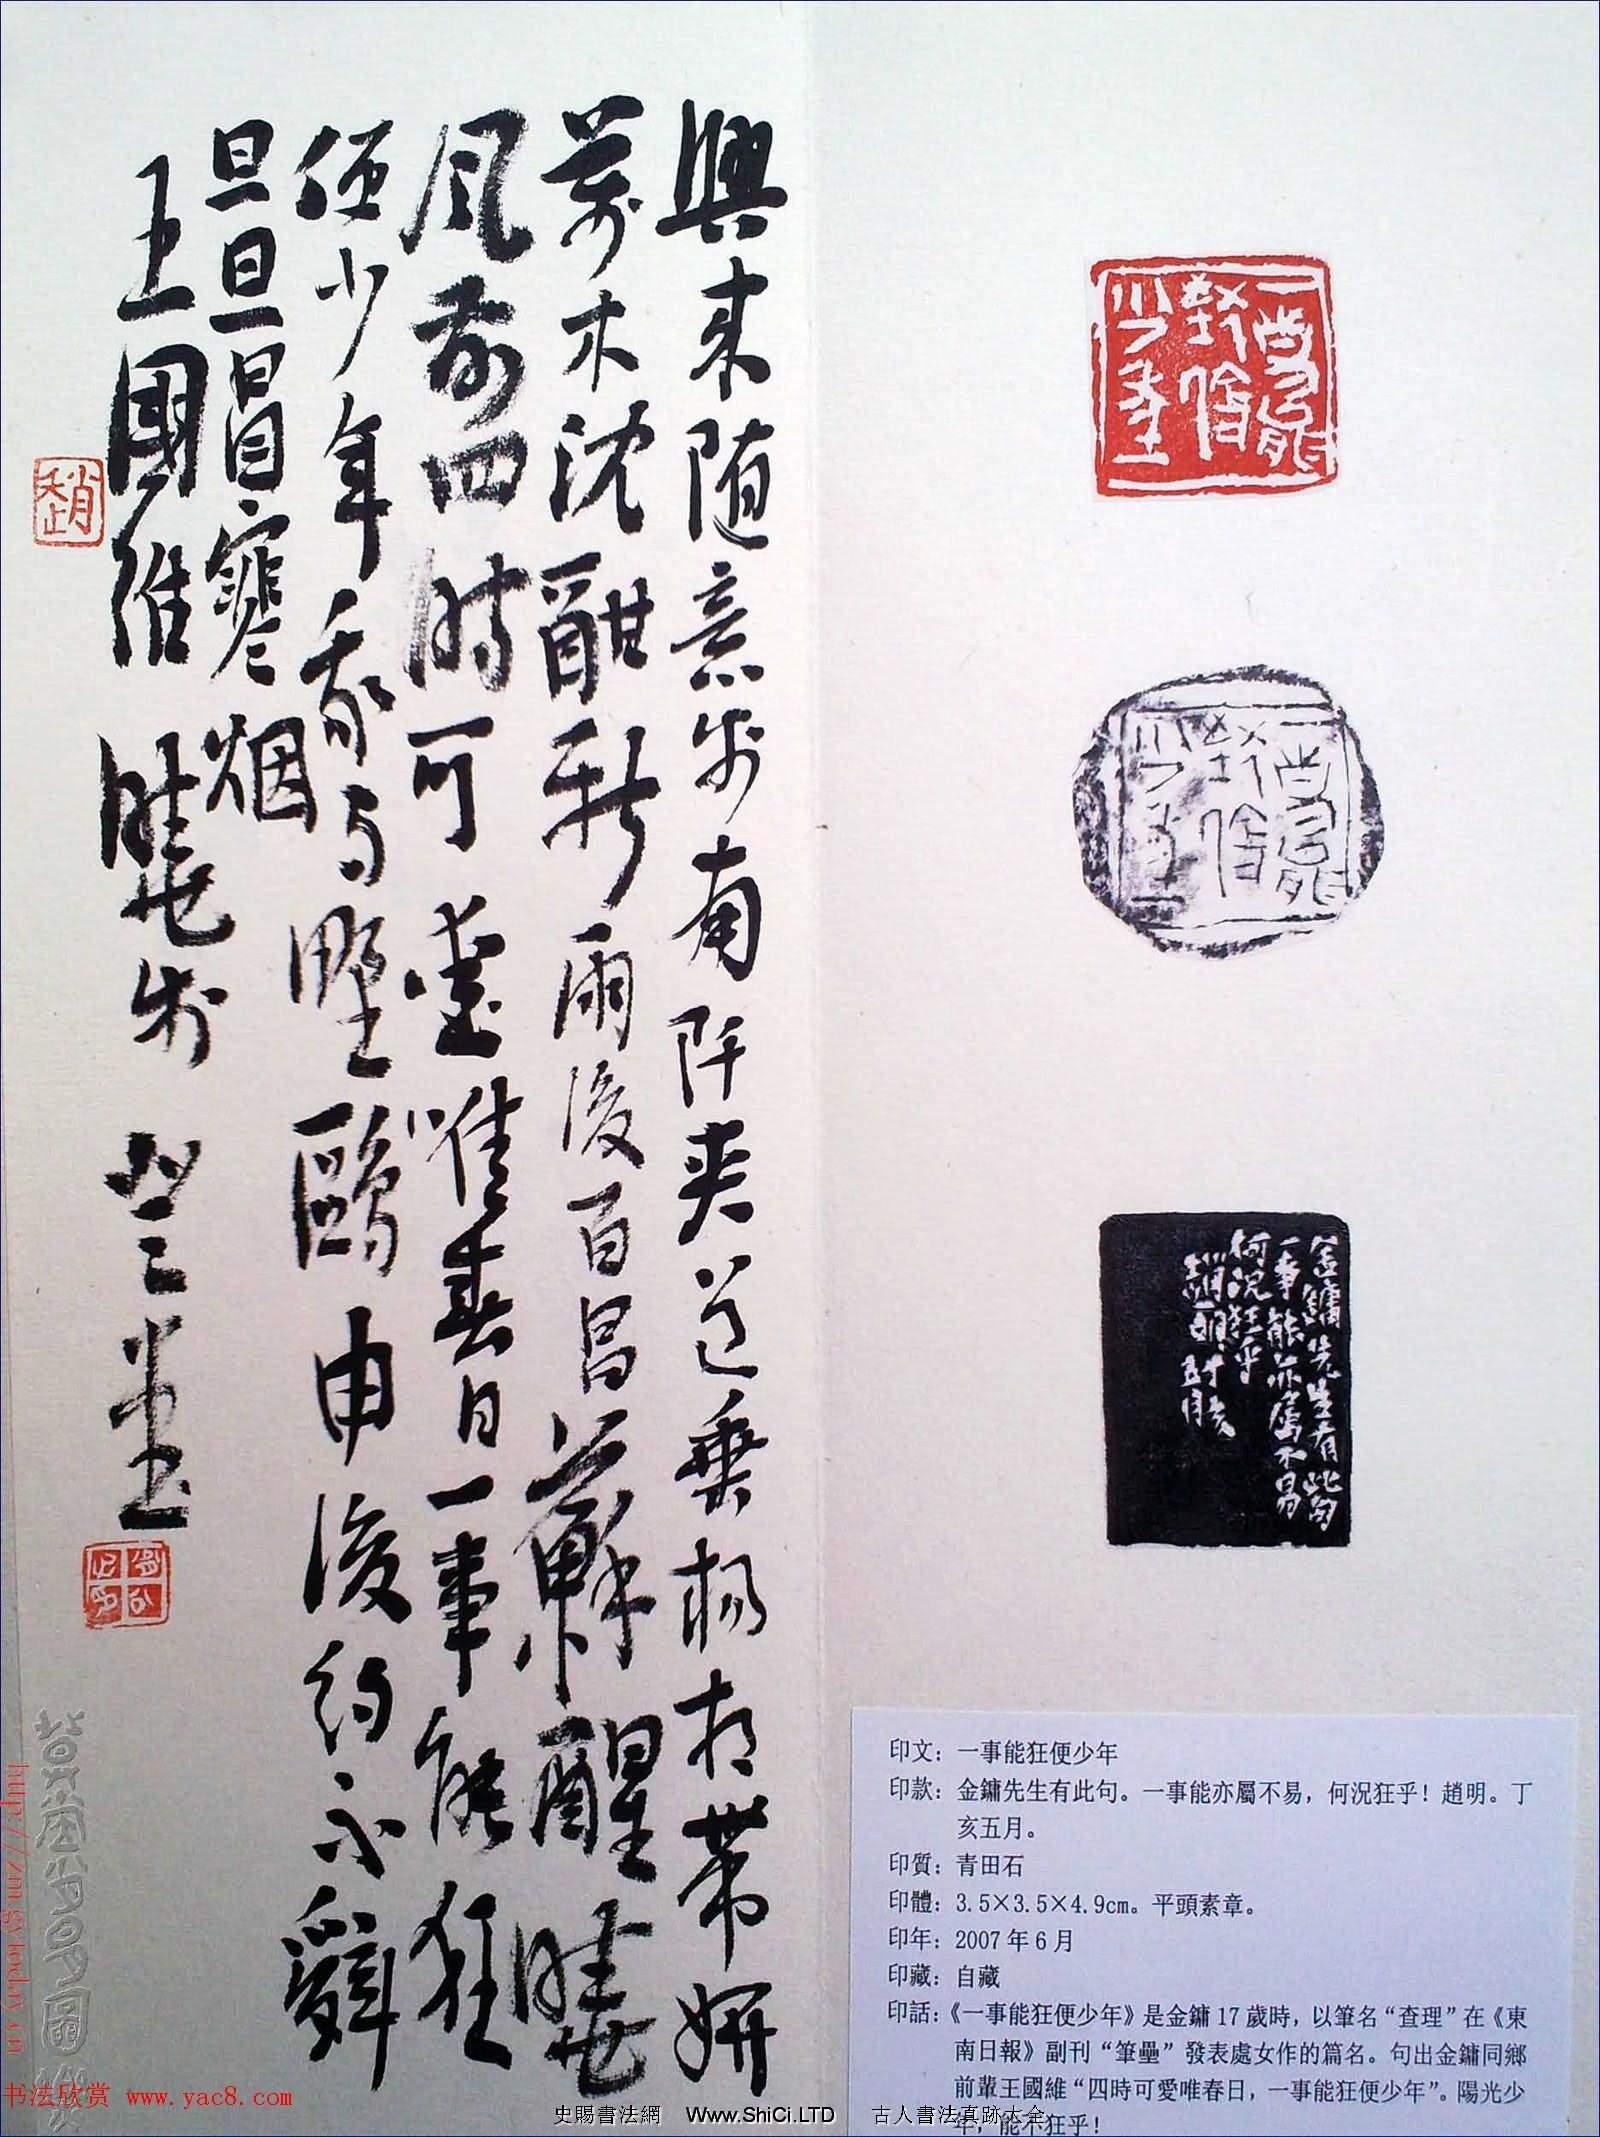 趙明書法篆刻欣賞白文古璽精選寅集